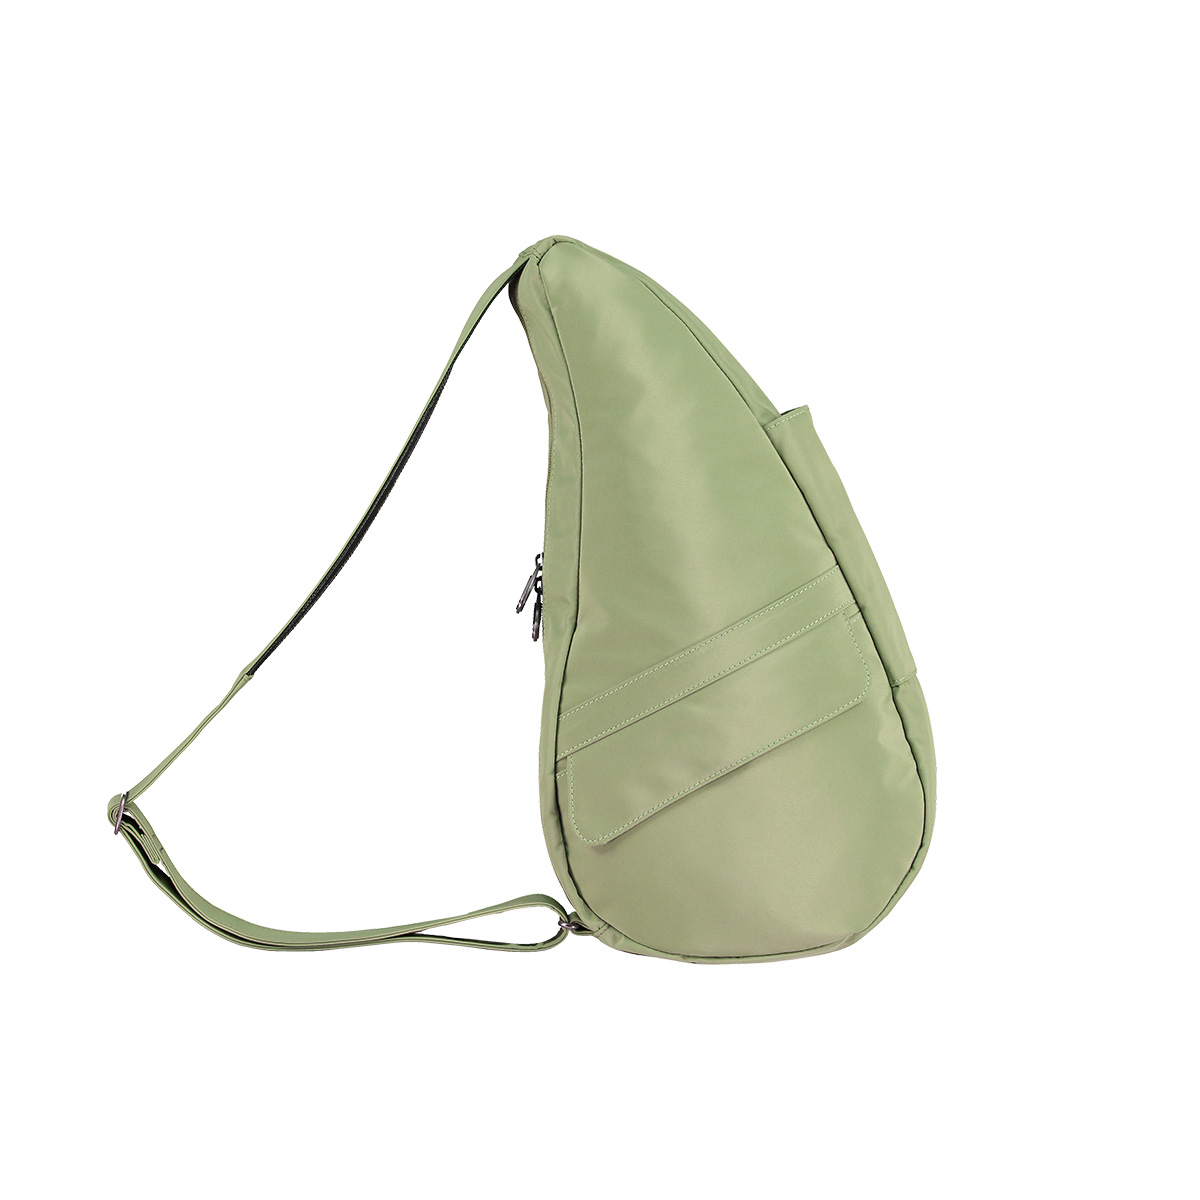 Healthy Back Bag/ヘルシーバックバッグ/ショルダーバッグ/ボディバッグ/旅行バッグ/軽量/レディース/メンズ 《限定ポーチ付》 公式ストア ヘルシーバックバッグ マイクロファイバー Sサイズ7303 アロエ